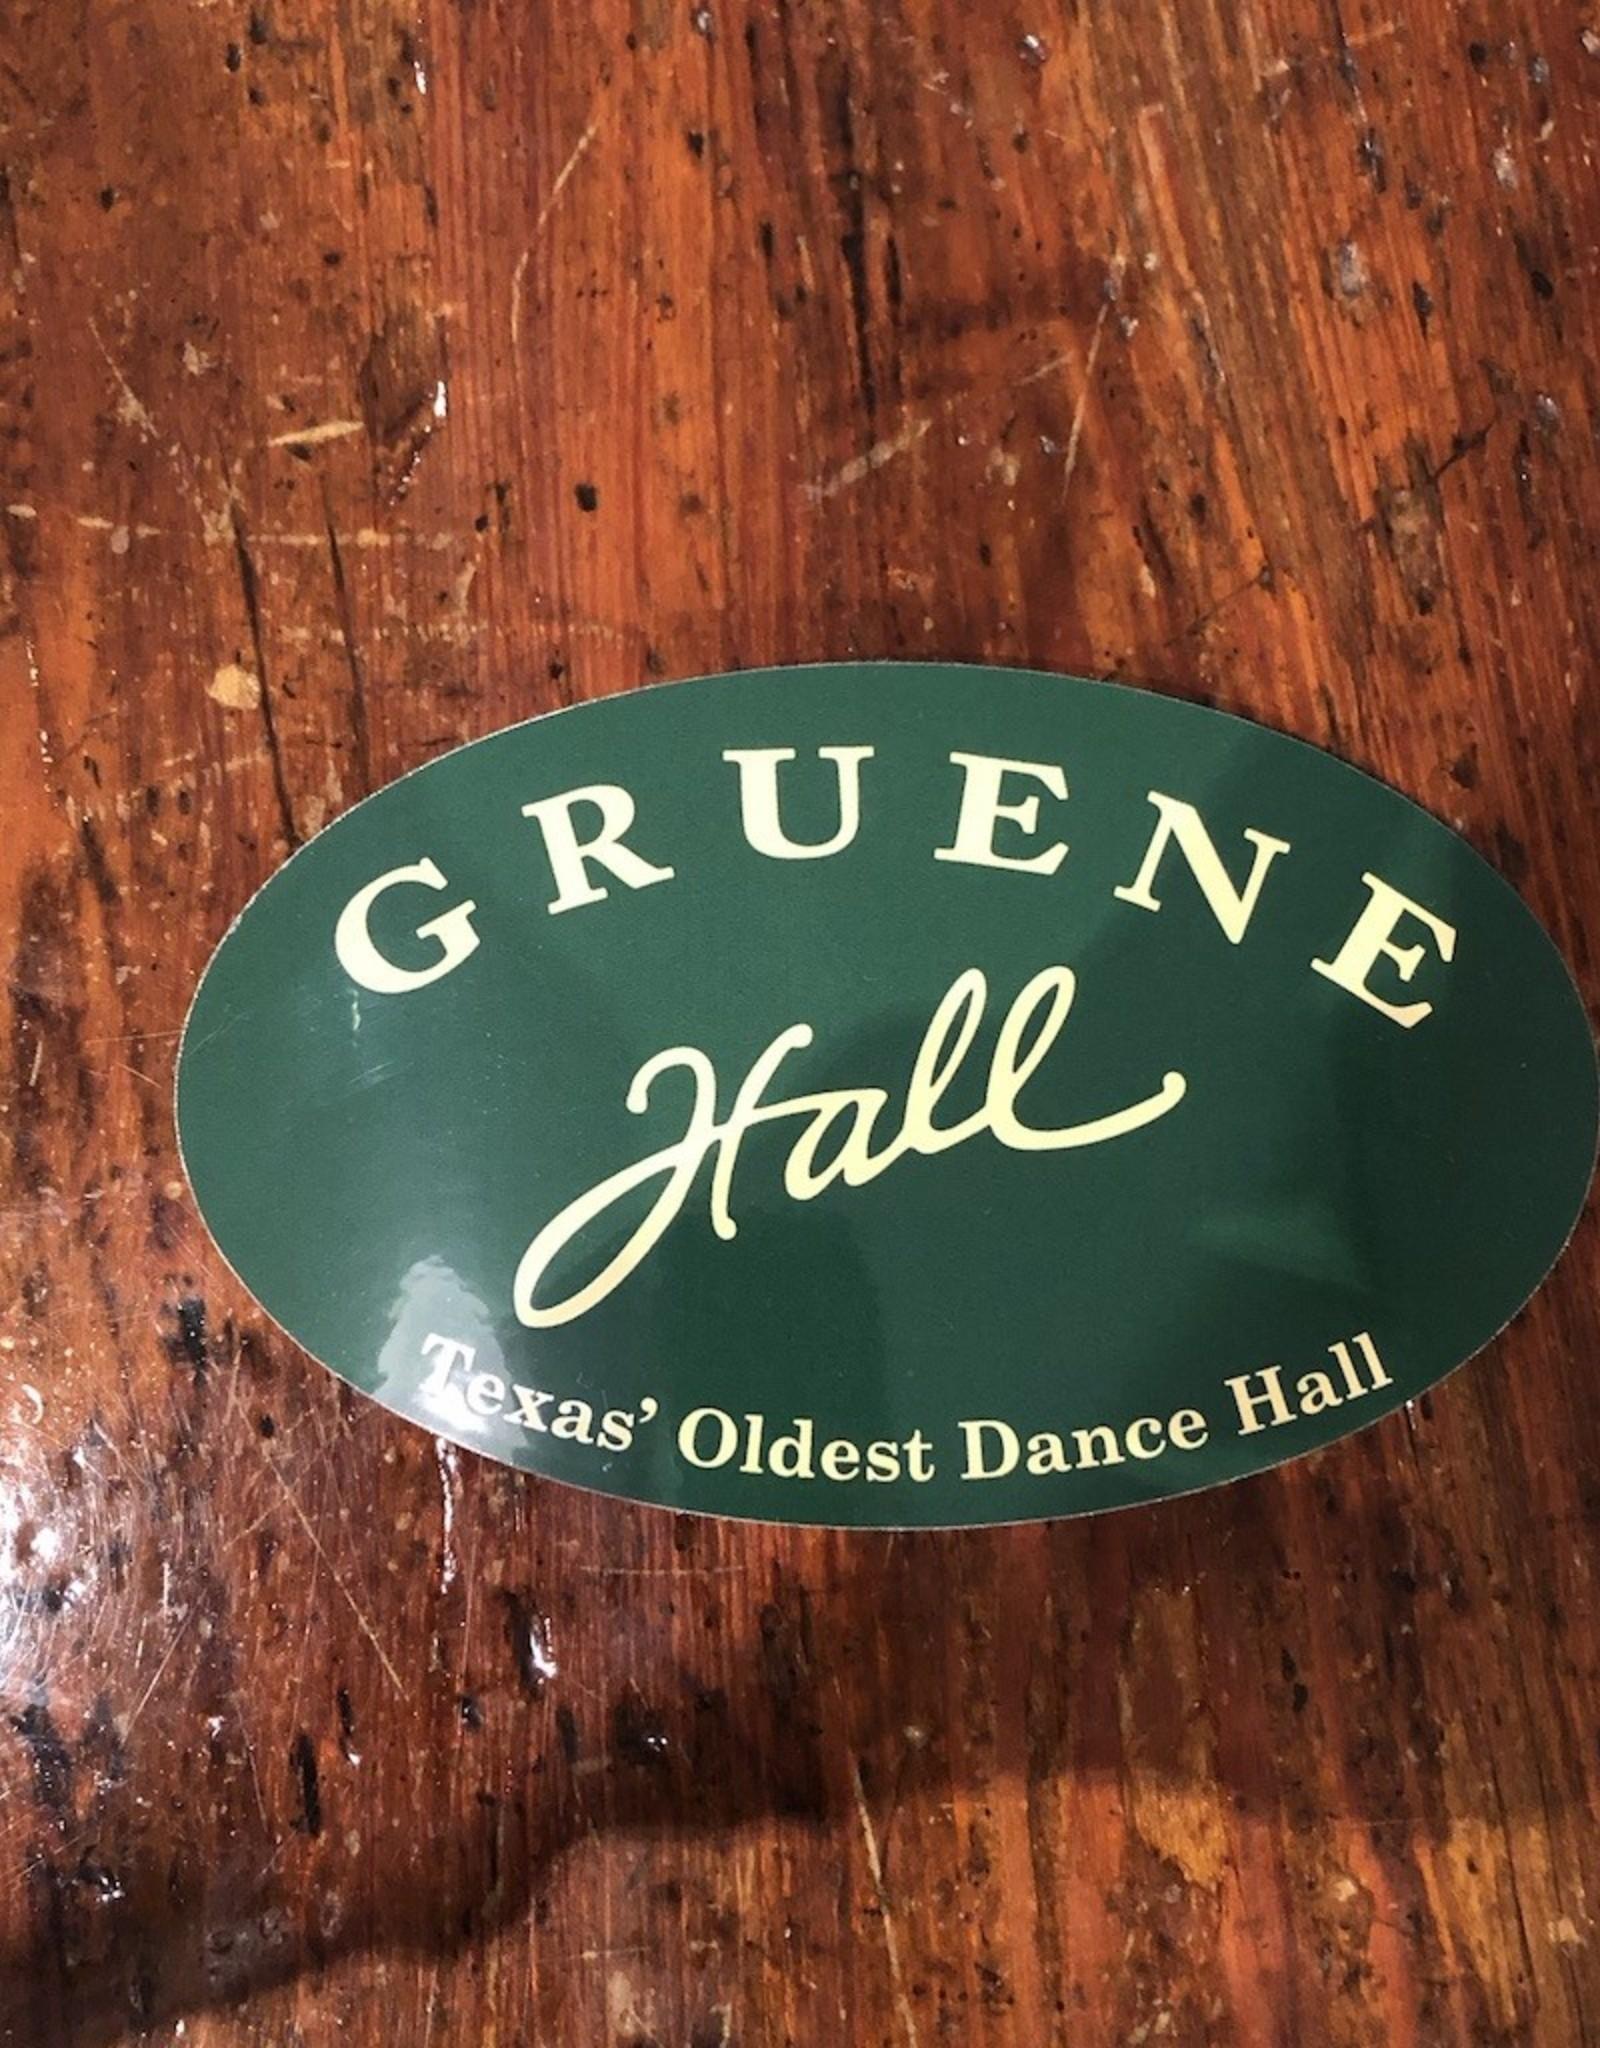 Gruene Hall Bumper Sticker Green